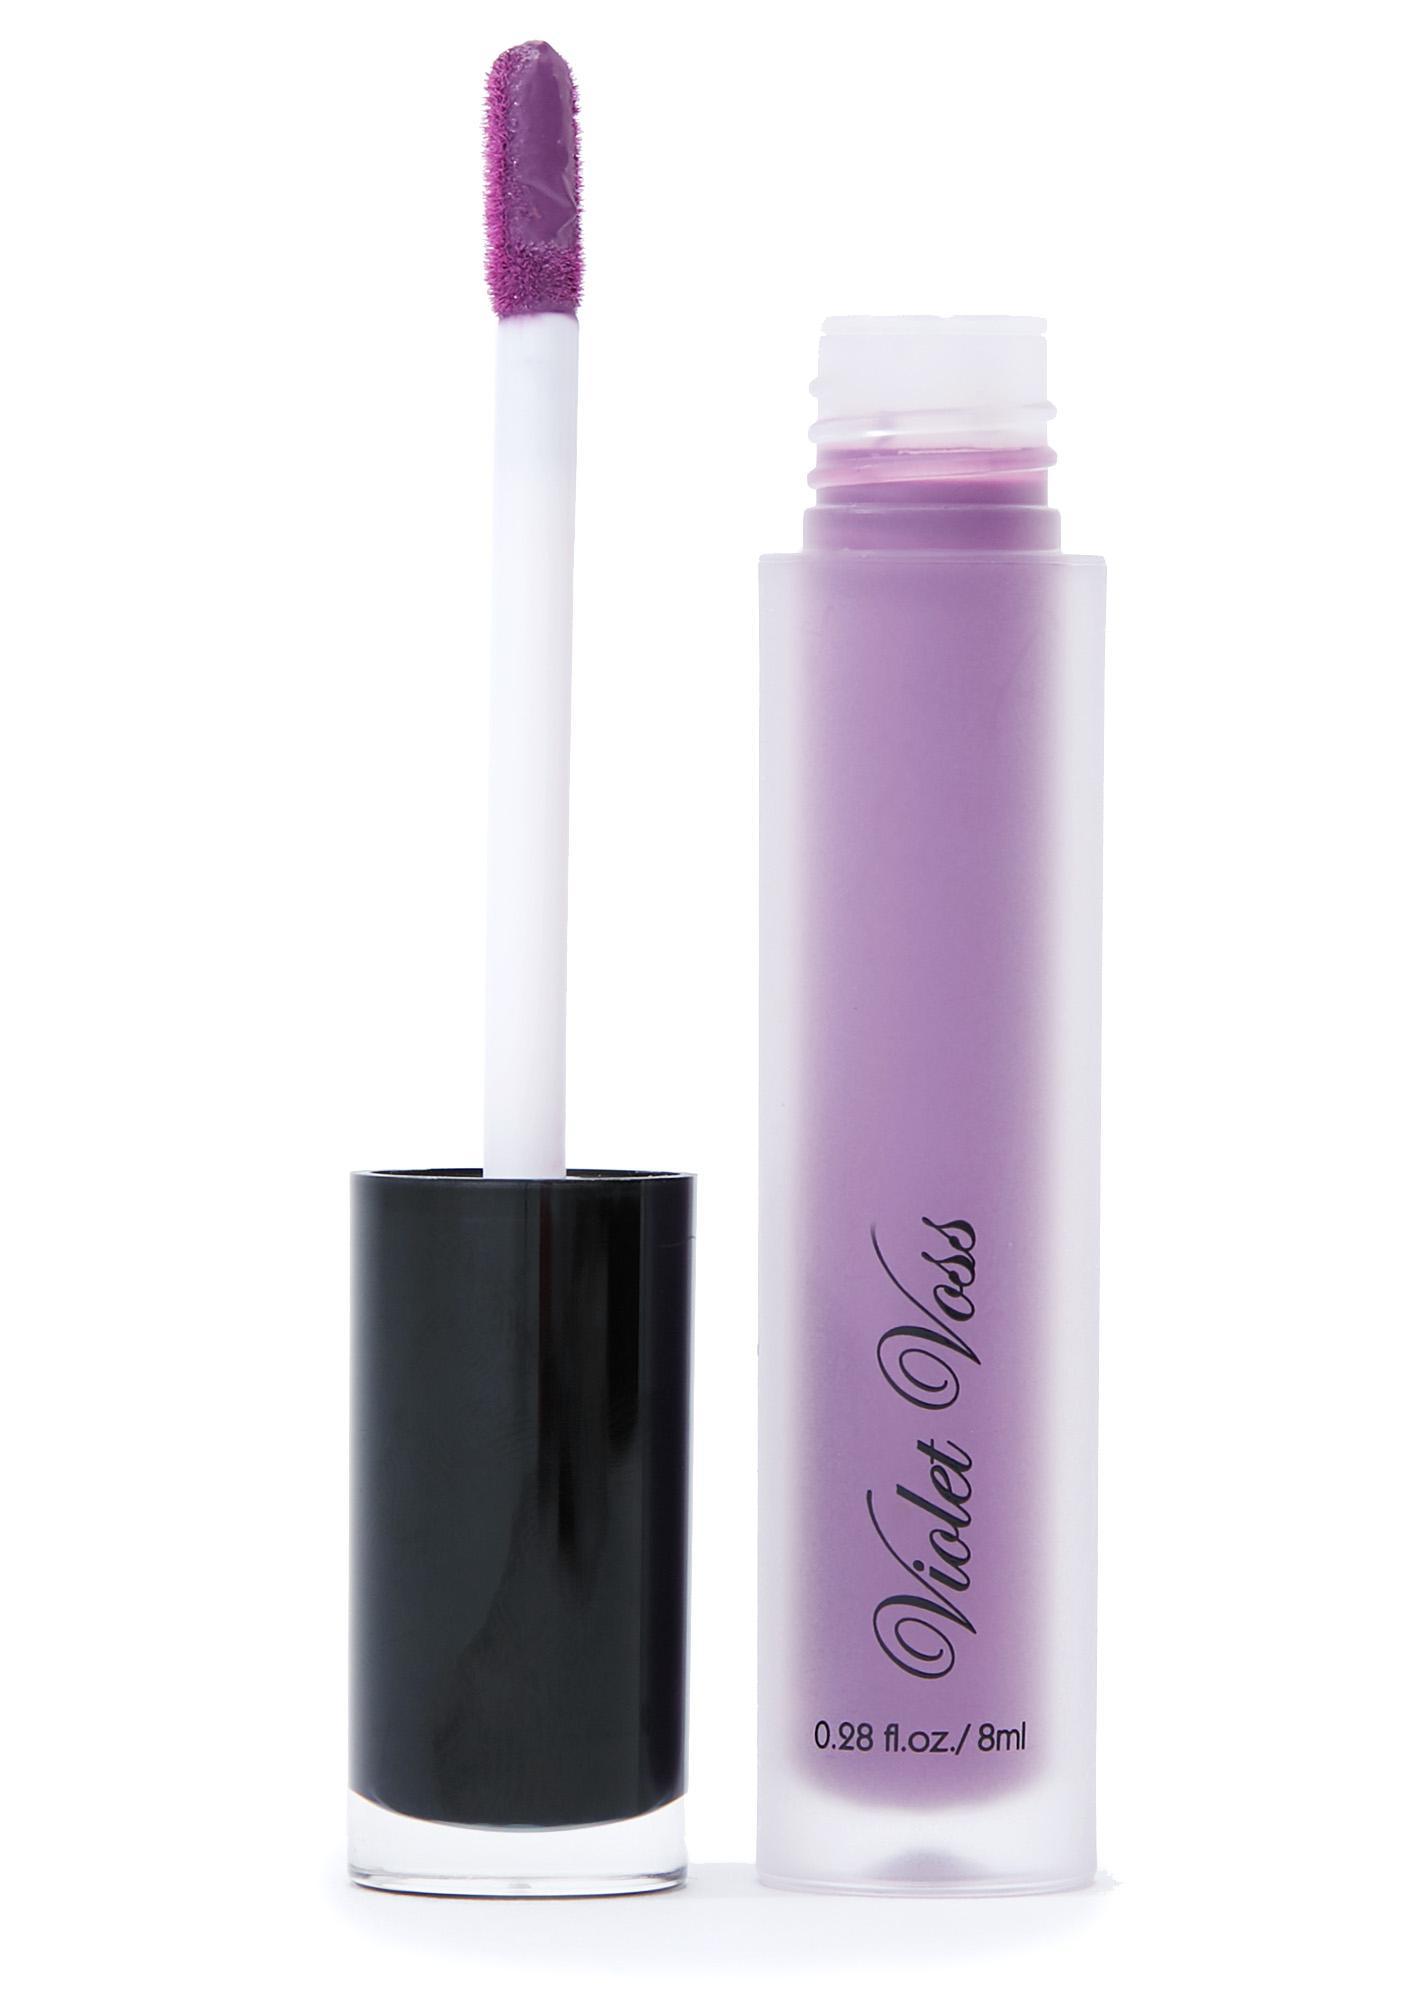 Violet Voss Haze Matte Liquid Lipstick